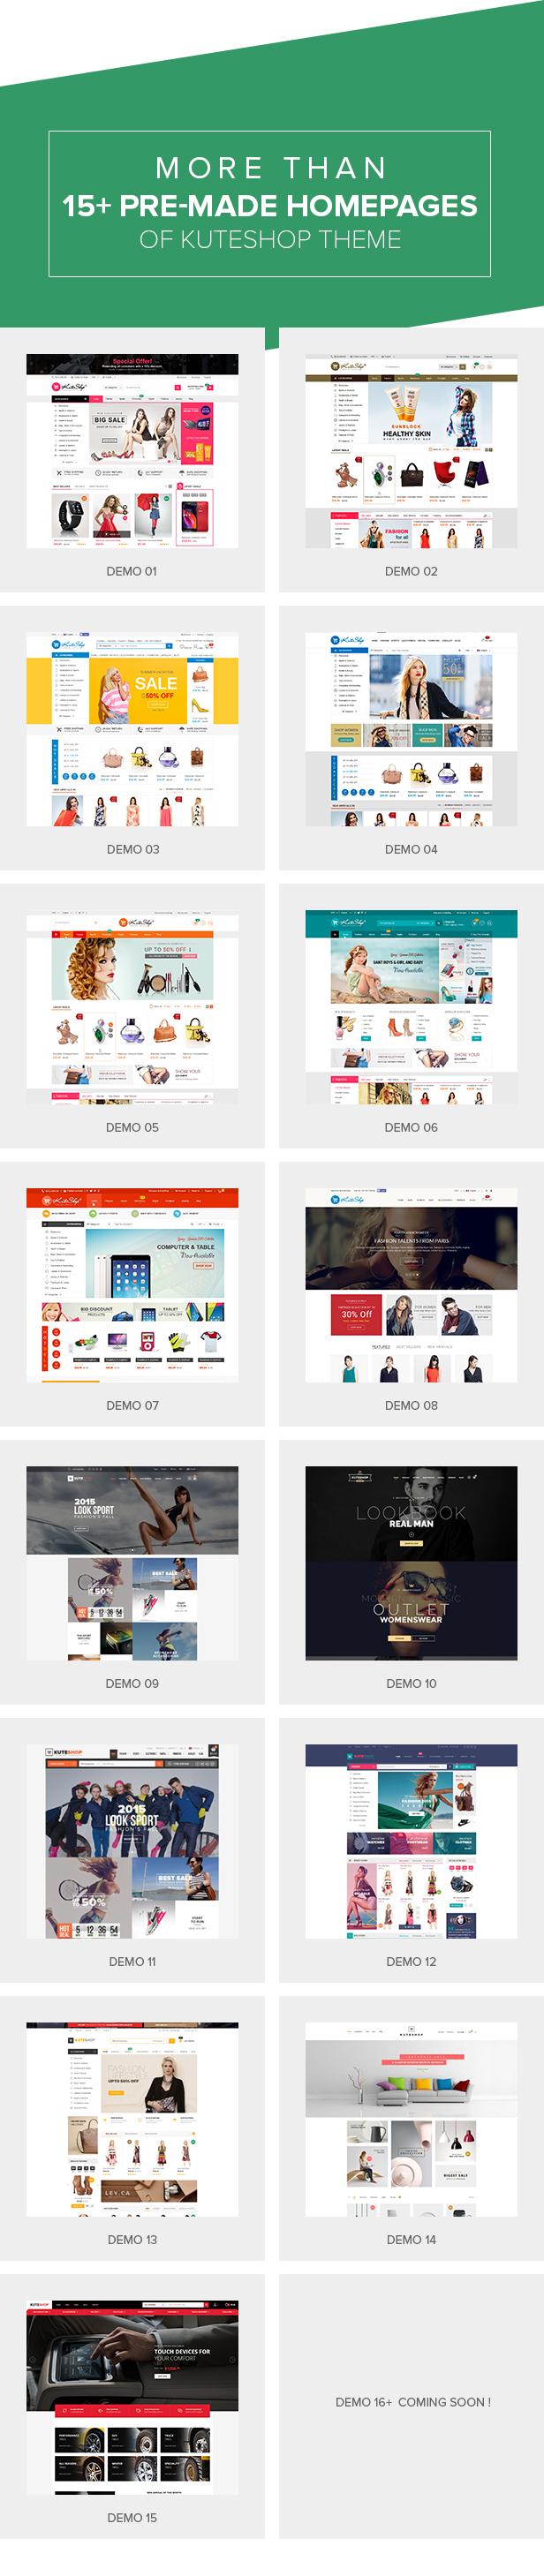 des kute 04 new - KuteShop - Fashion, Electronics & Marketplace Elementor WooCommerce Theme (RTL Supported)